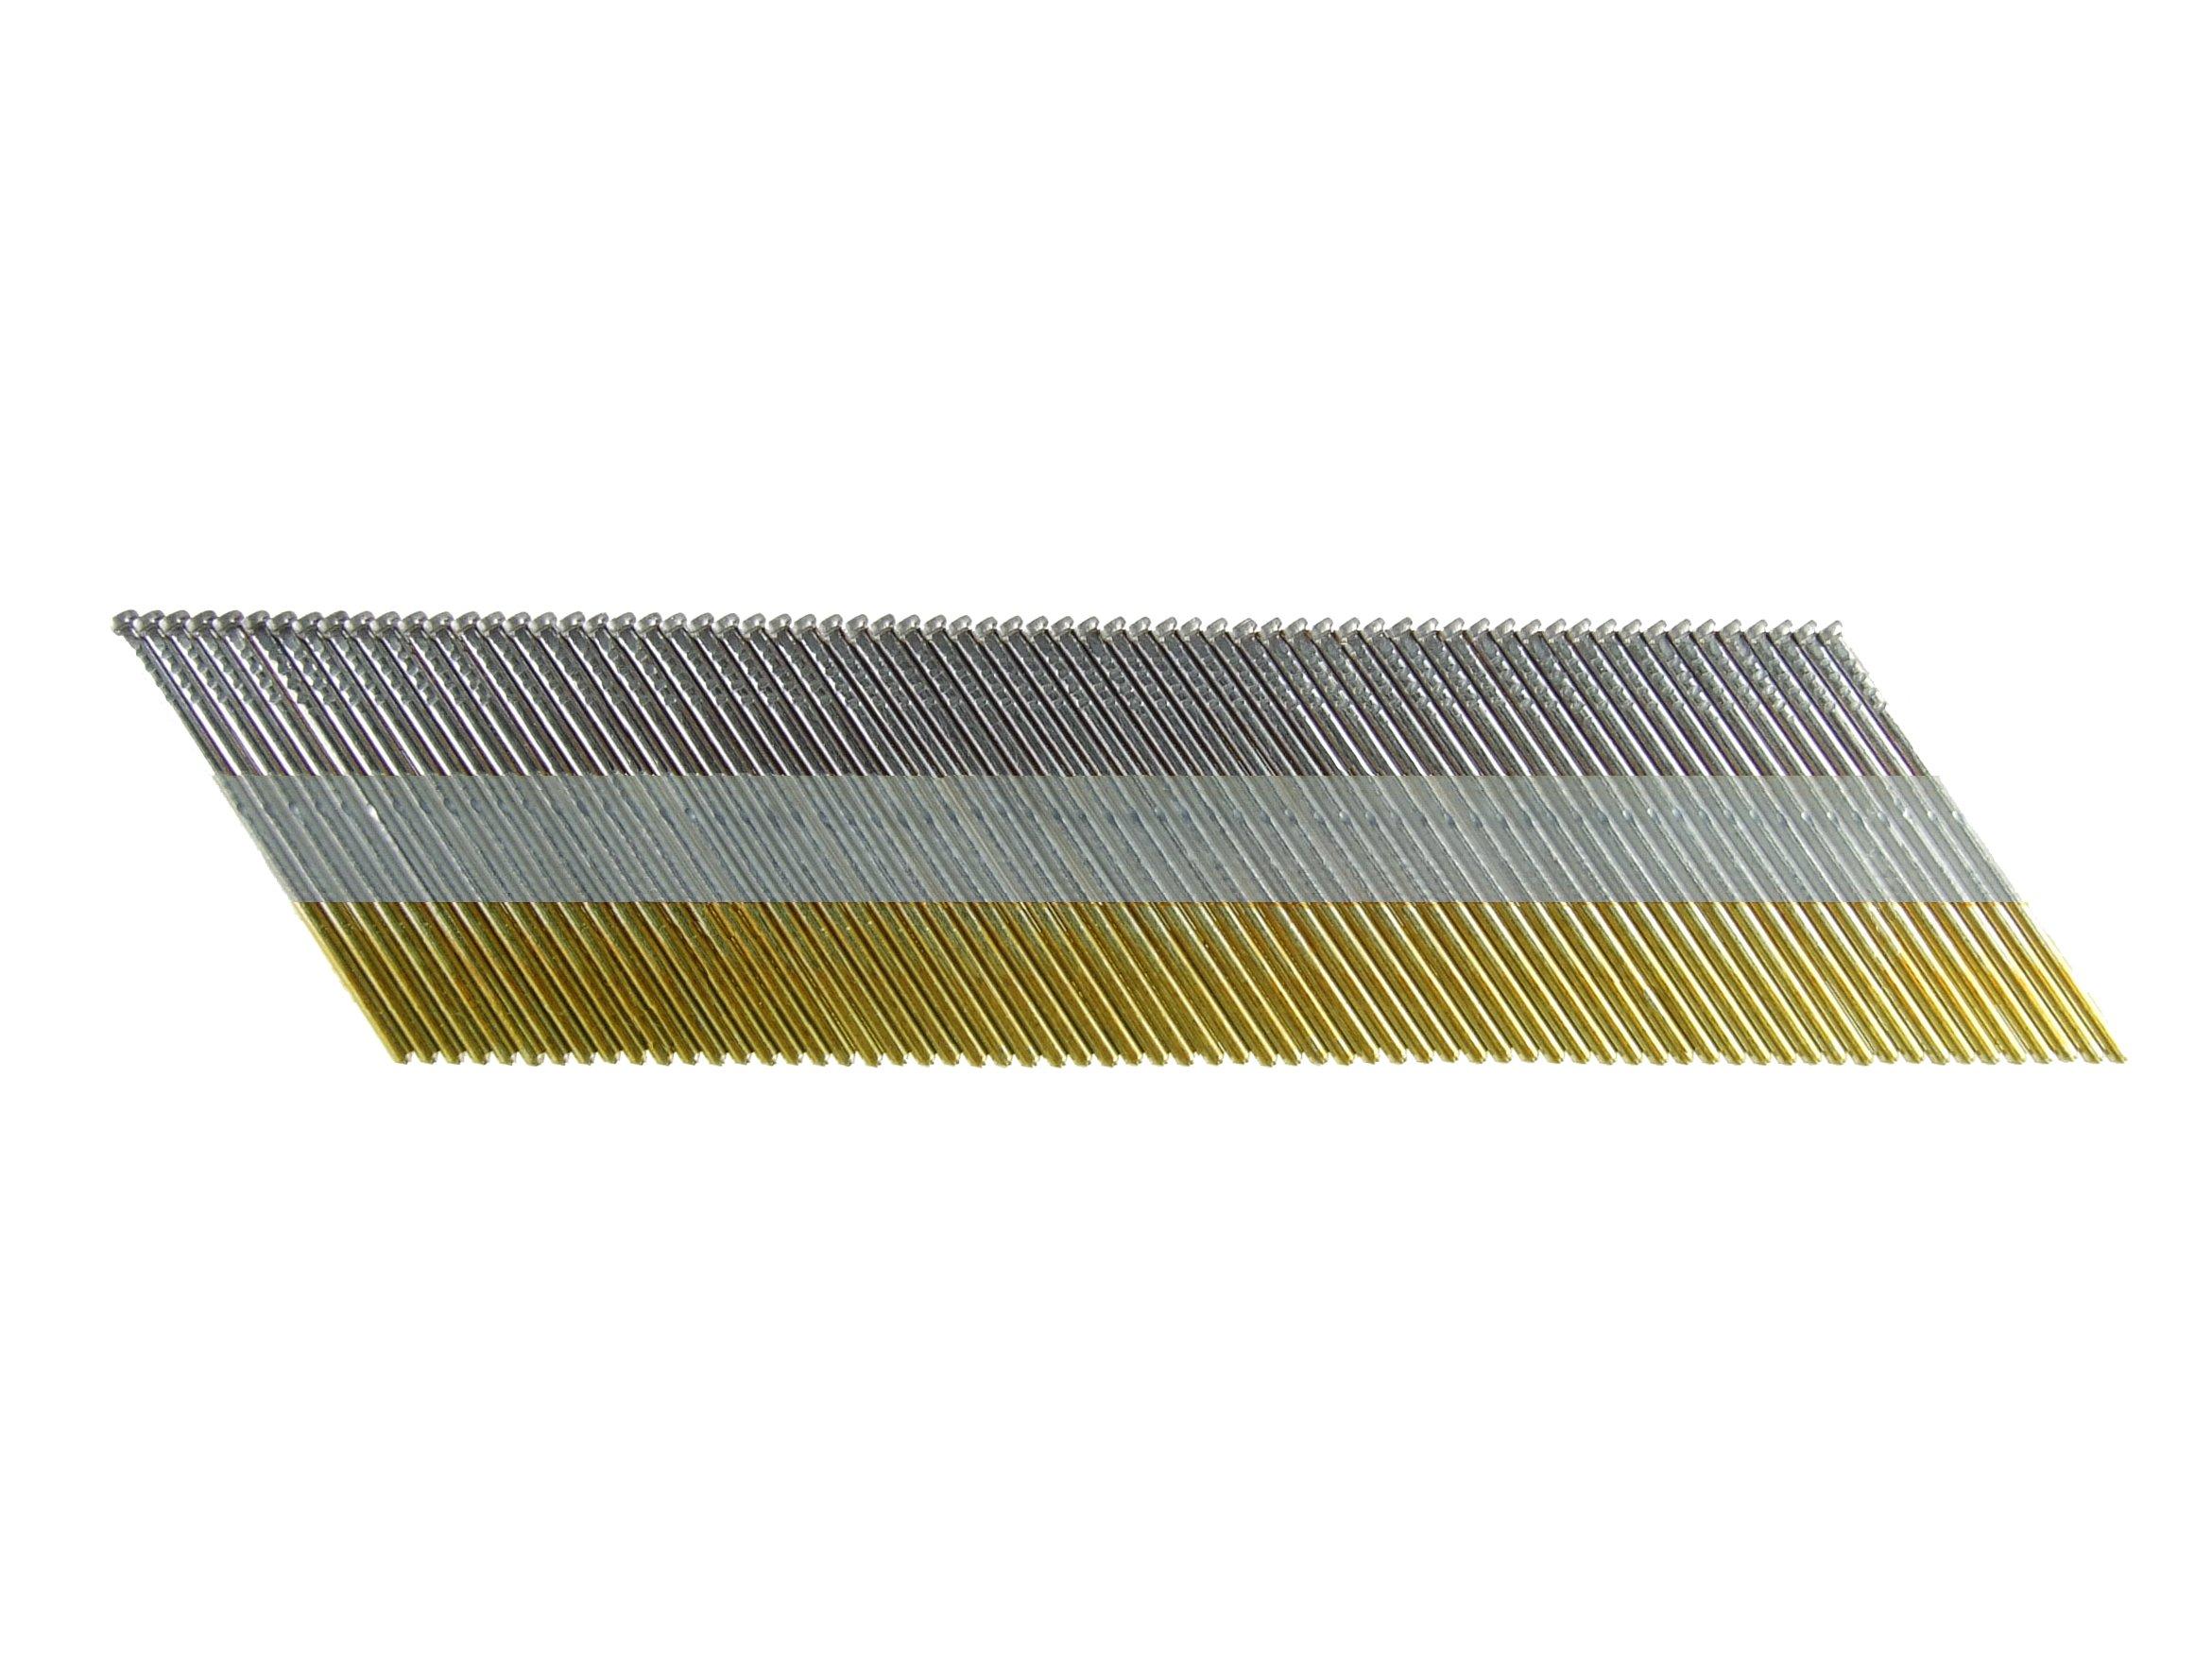 B&C Eagle DA21G 2-Inch x 35 Degree Galvanized Angle Finish Nails (4,000 per box)